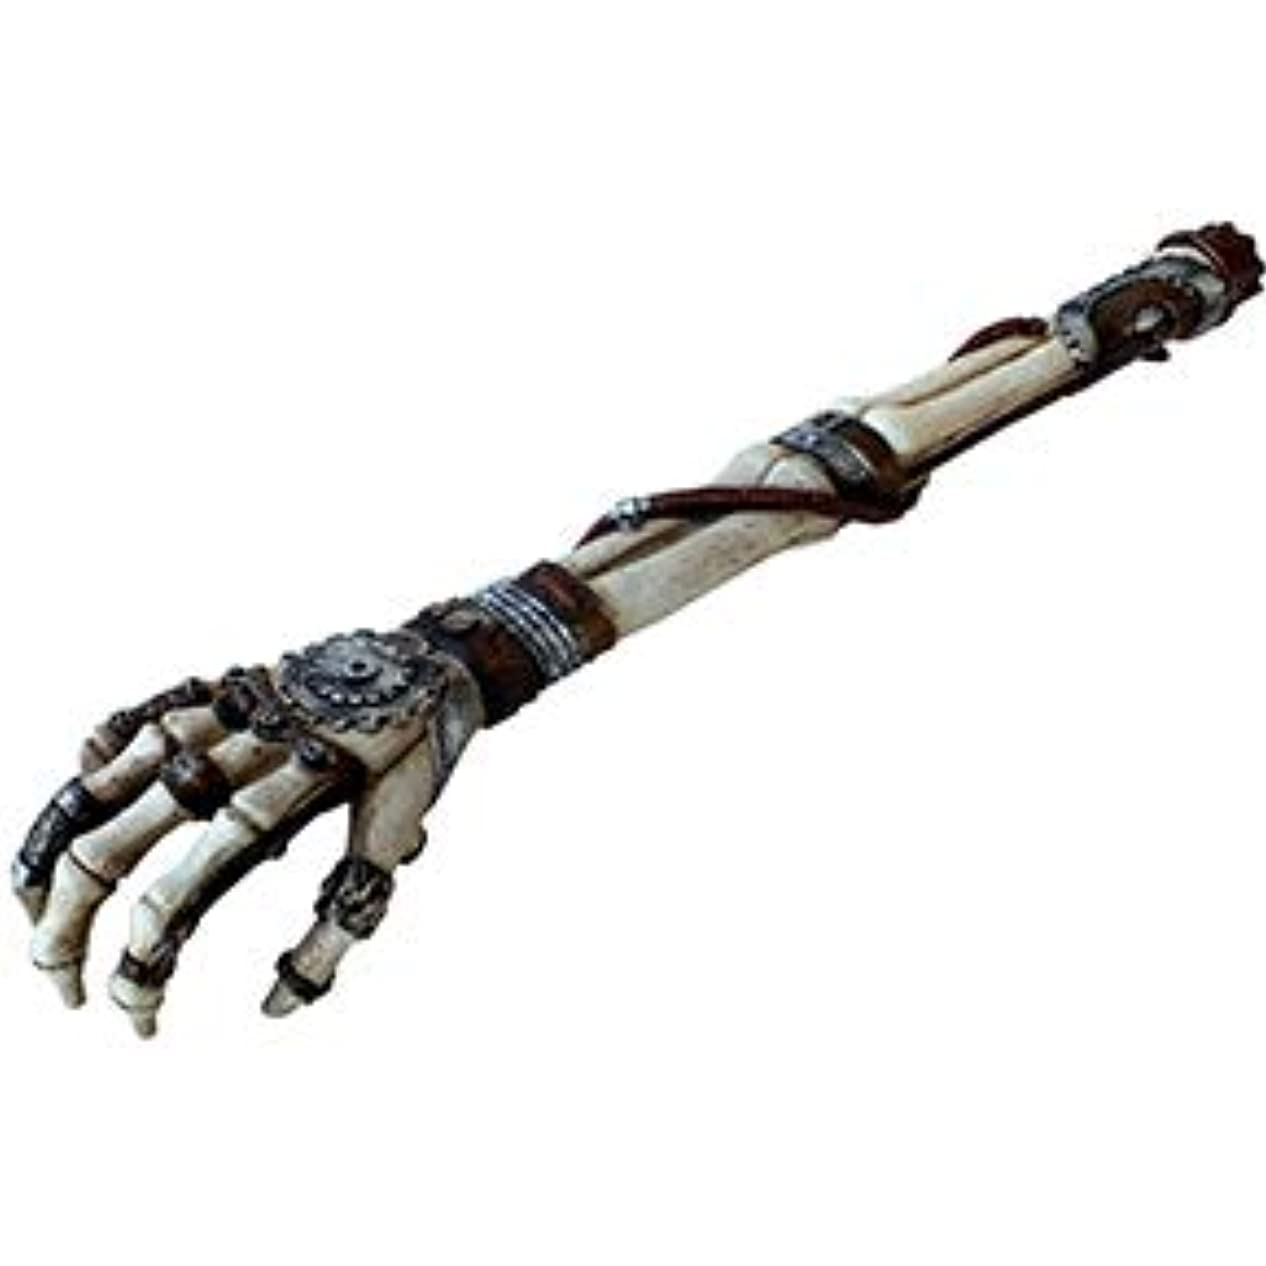 リンスぜいたく郵便物スチームパンクスケルトンアーム バックスクラッチャー(孫の手) Steampunk Skeleton arm back scratcher